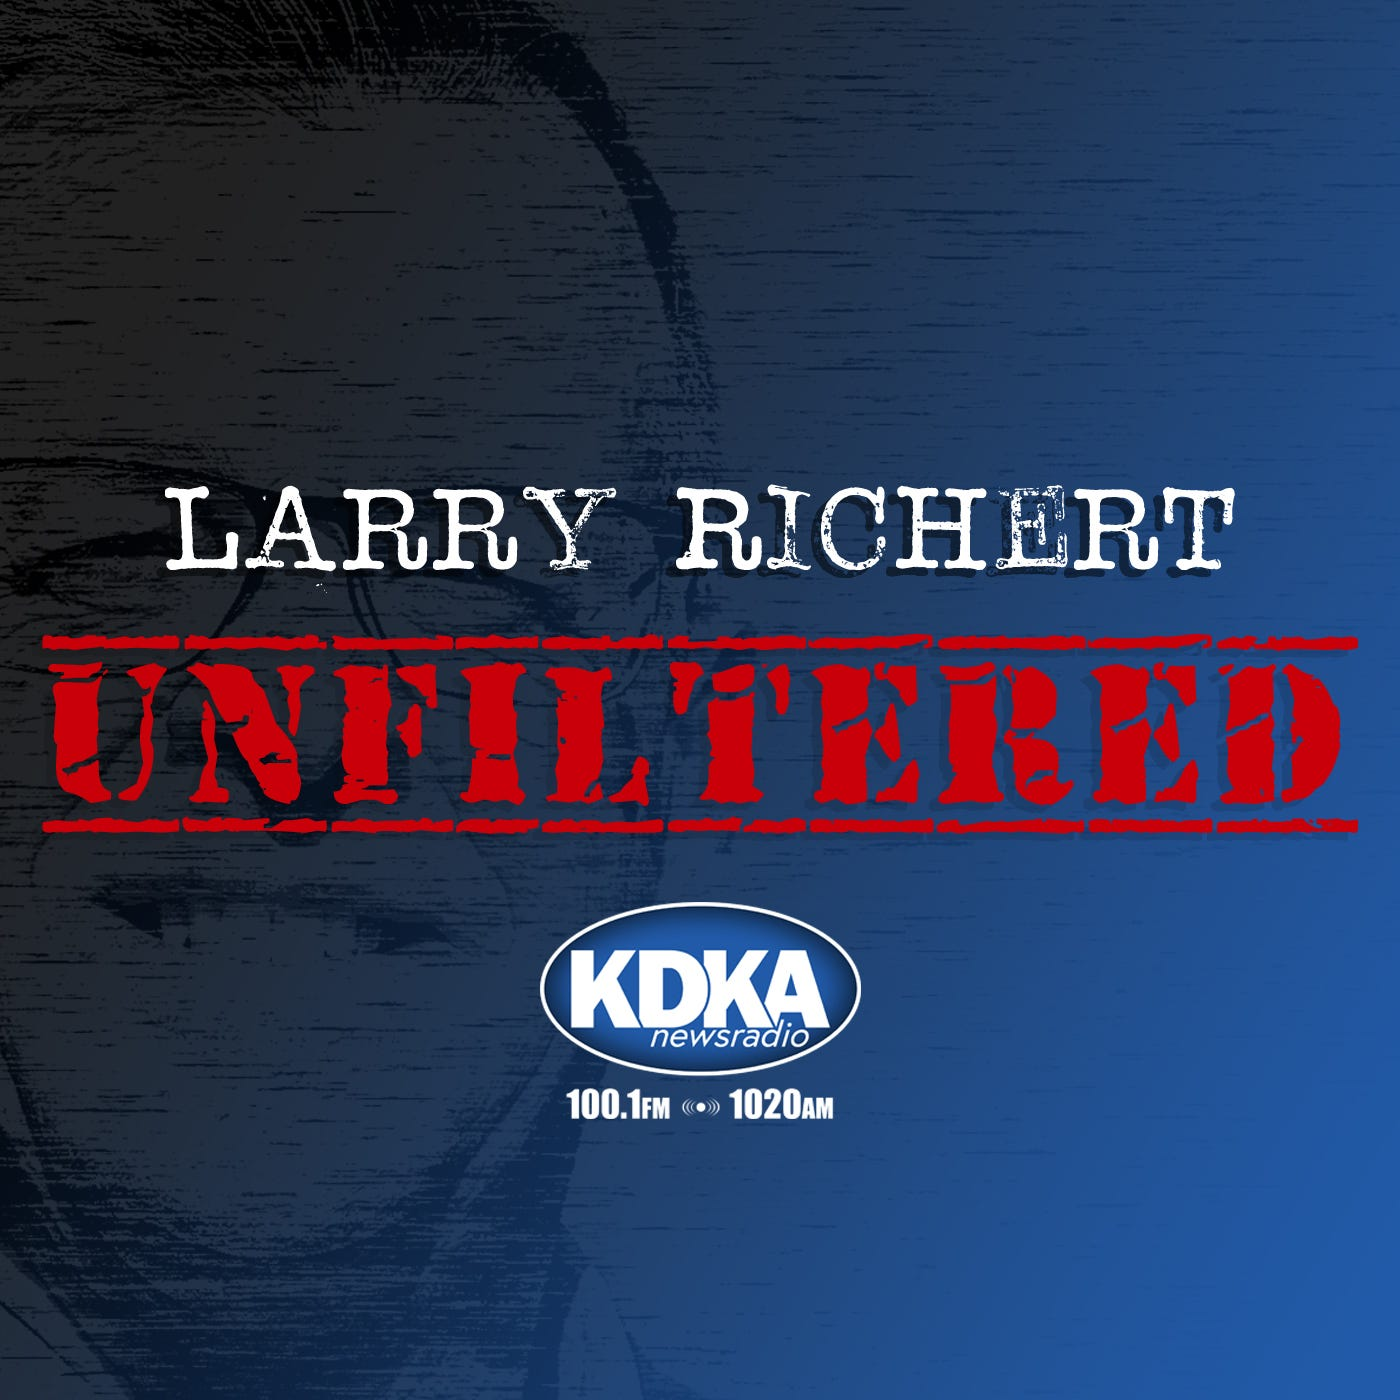 Larry Richert: Unfiltered